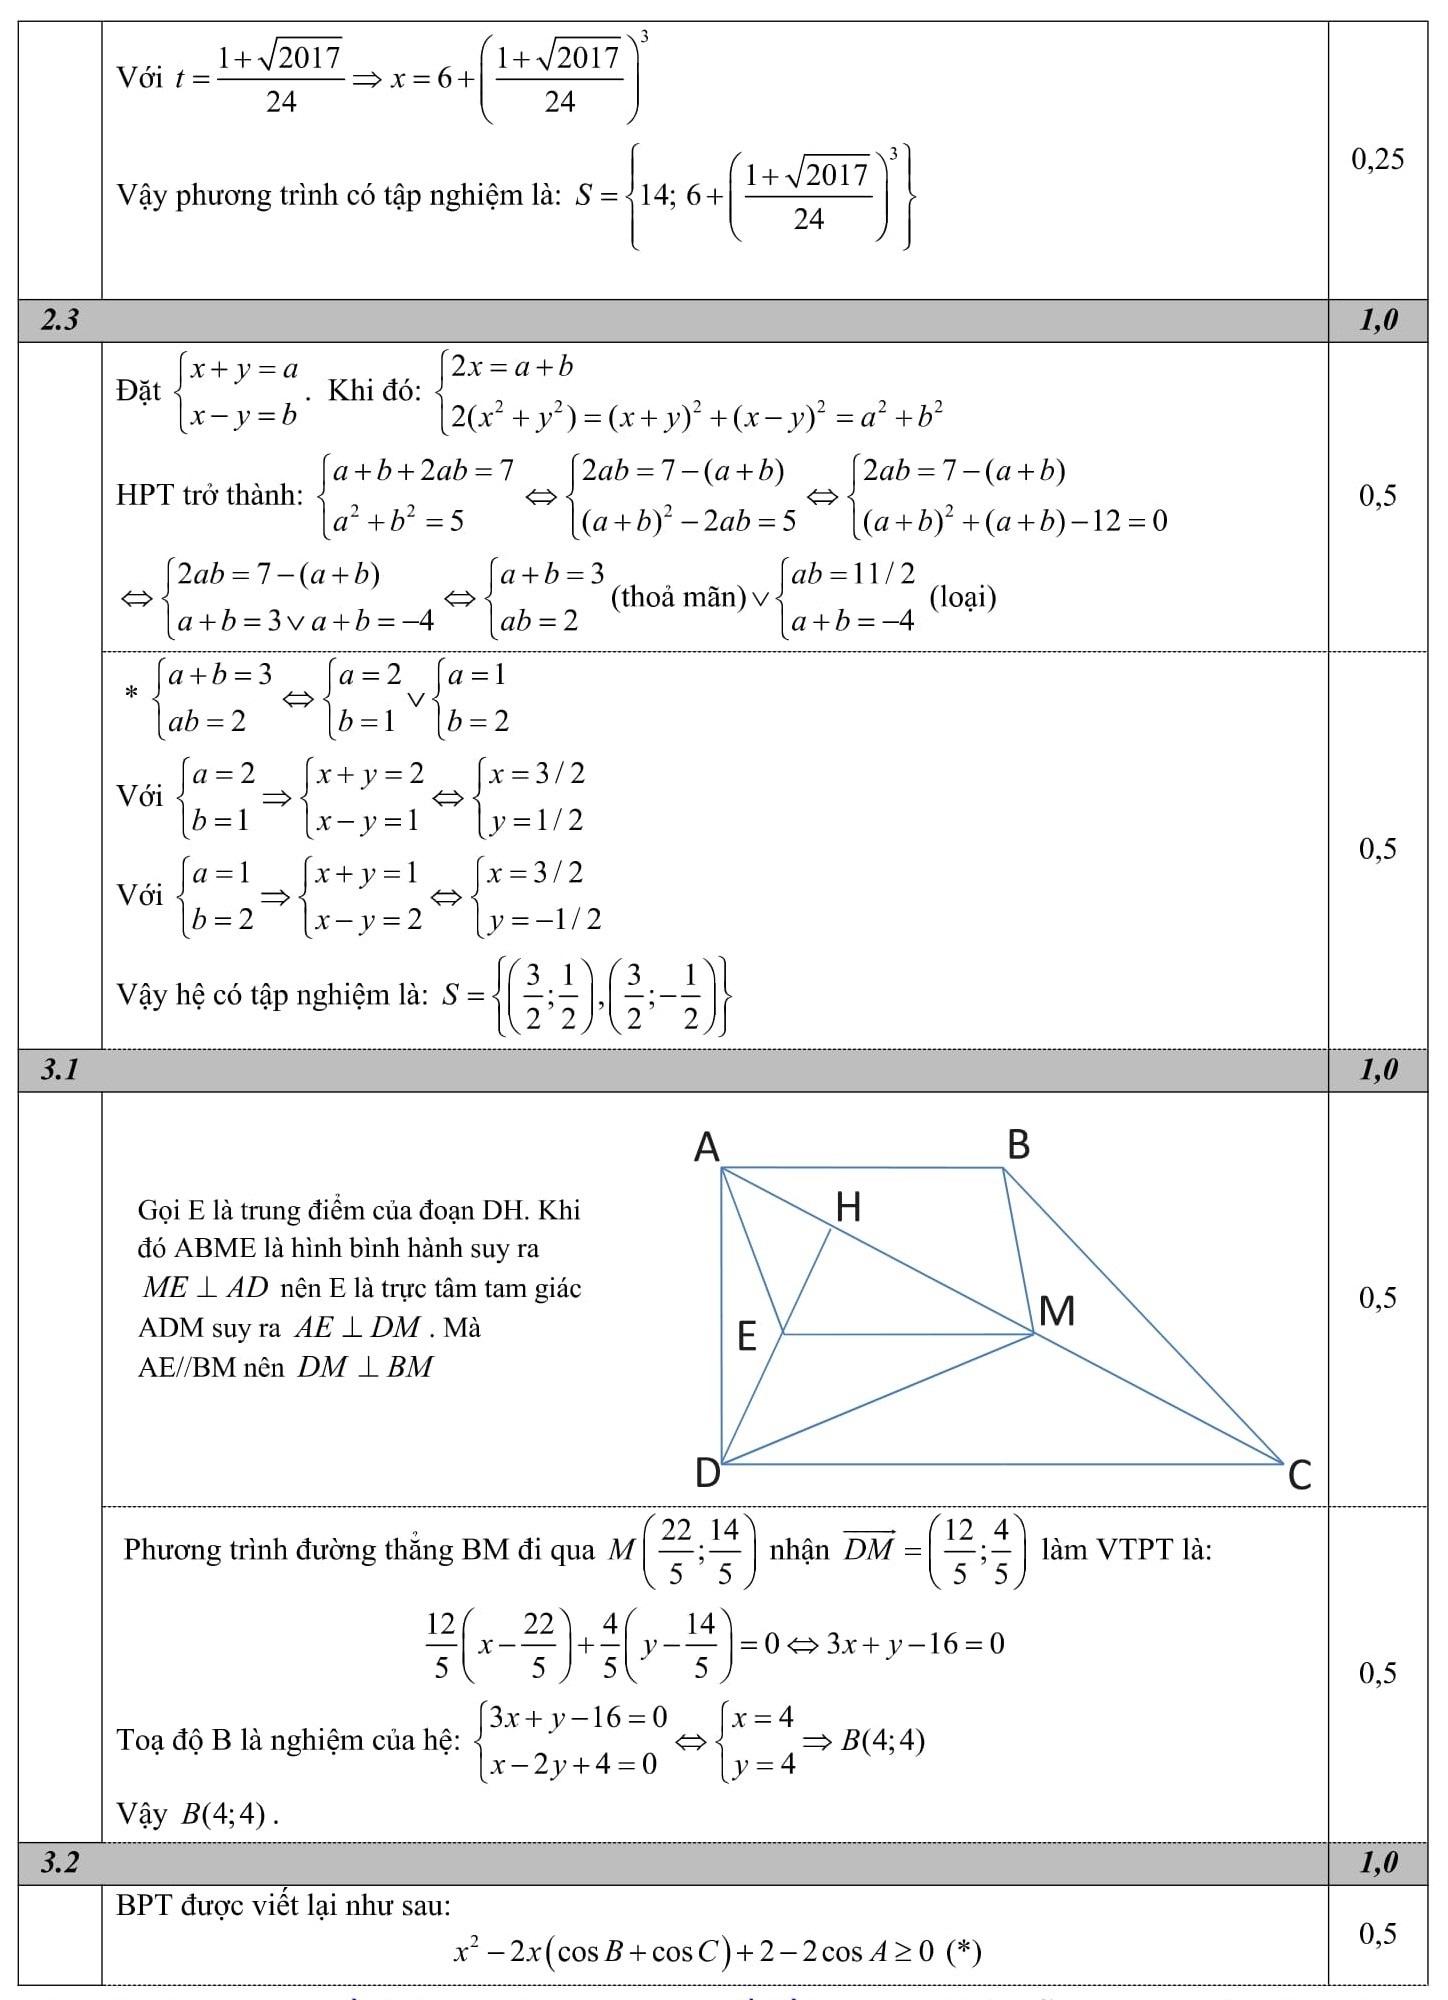 Đáp án và đề thi HSG toán 10 phòng GD&ĐT Bắc Giang 2015-2016